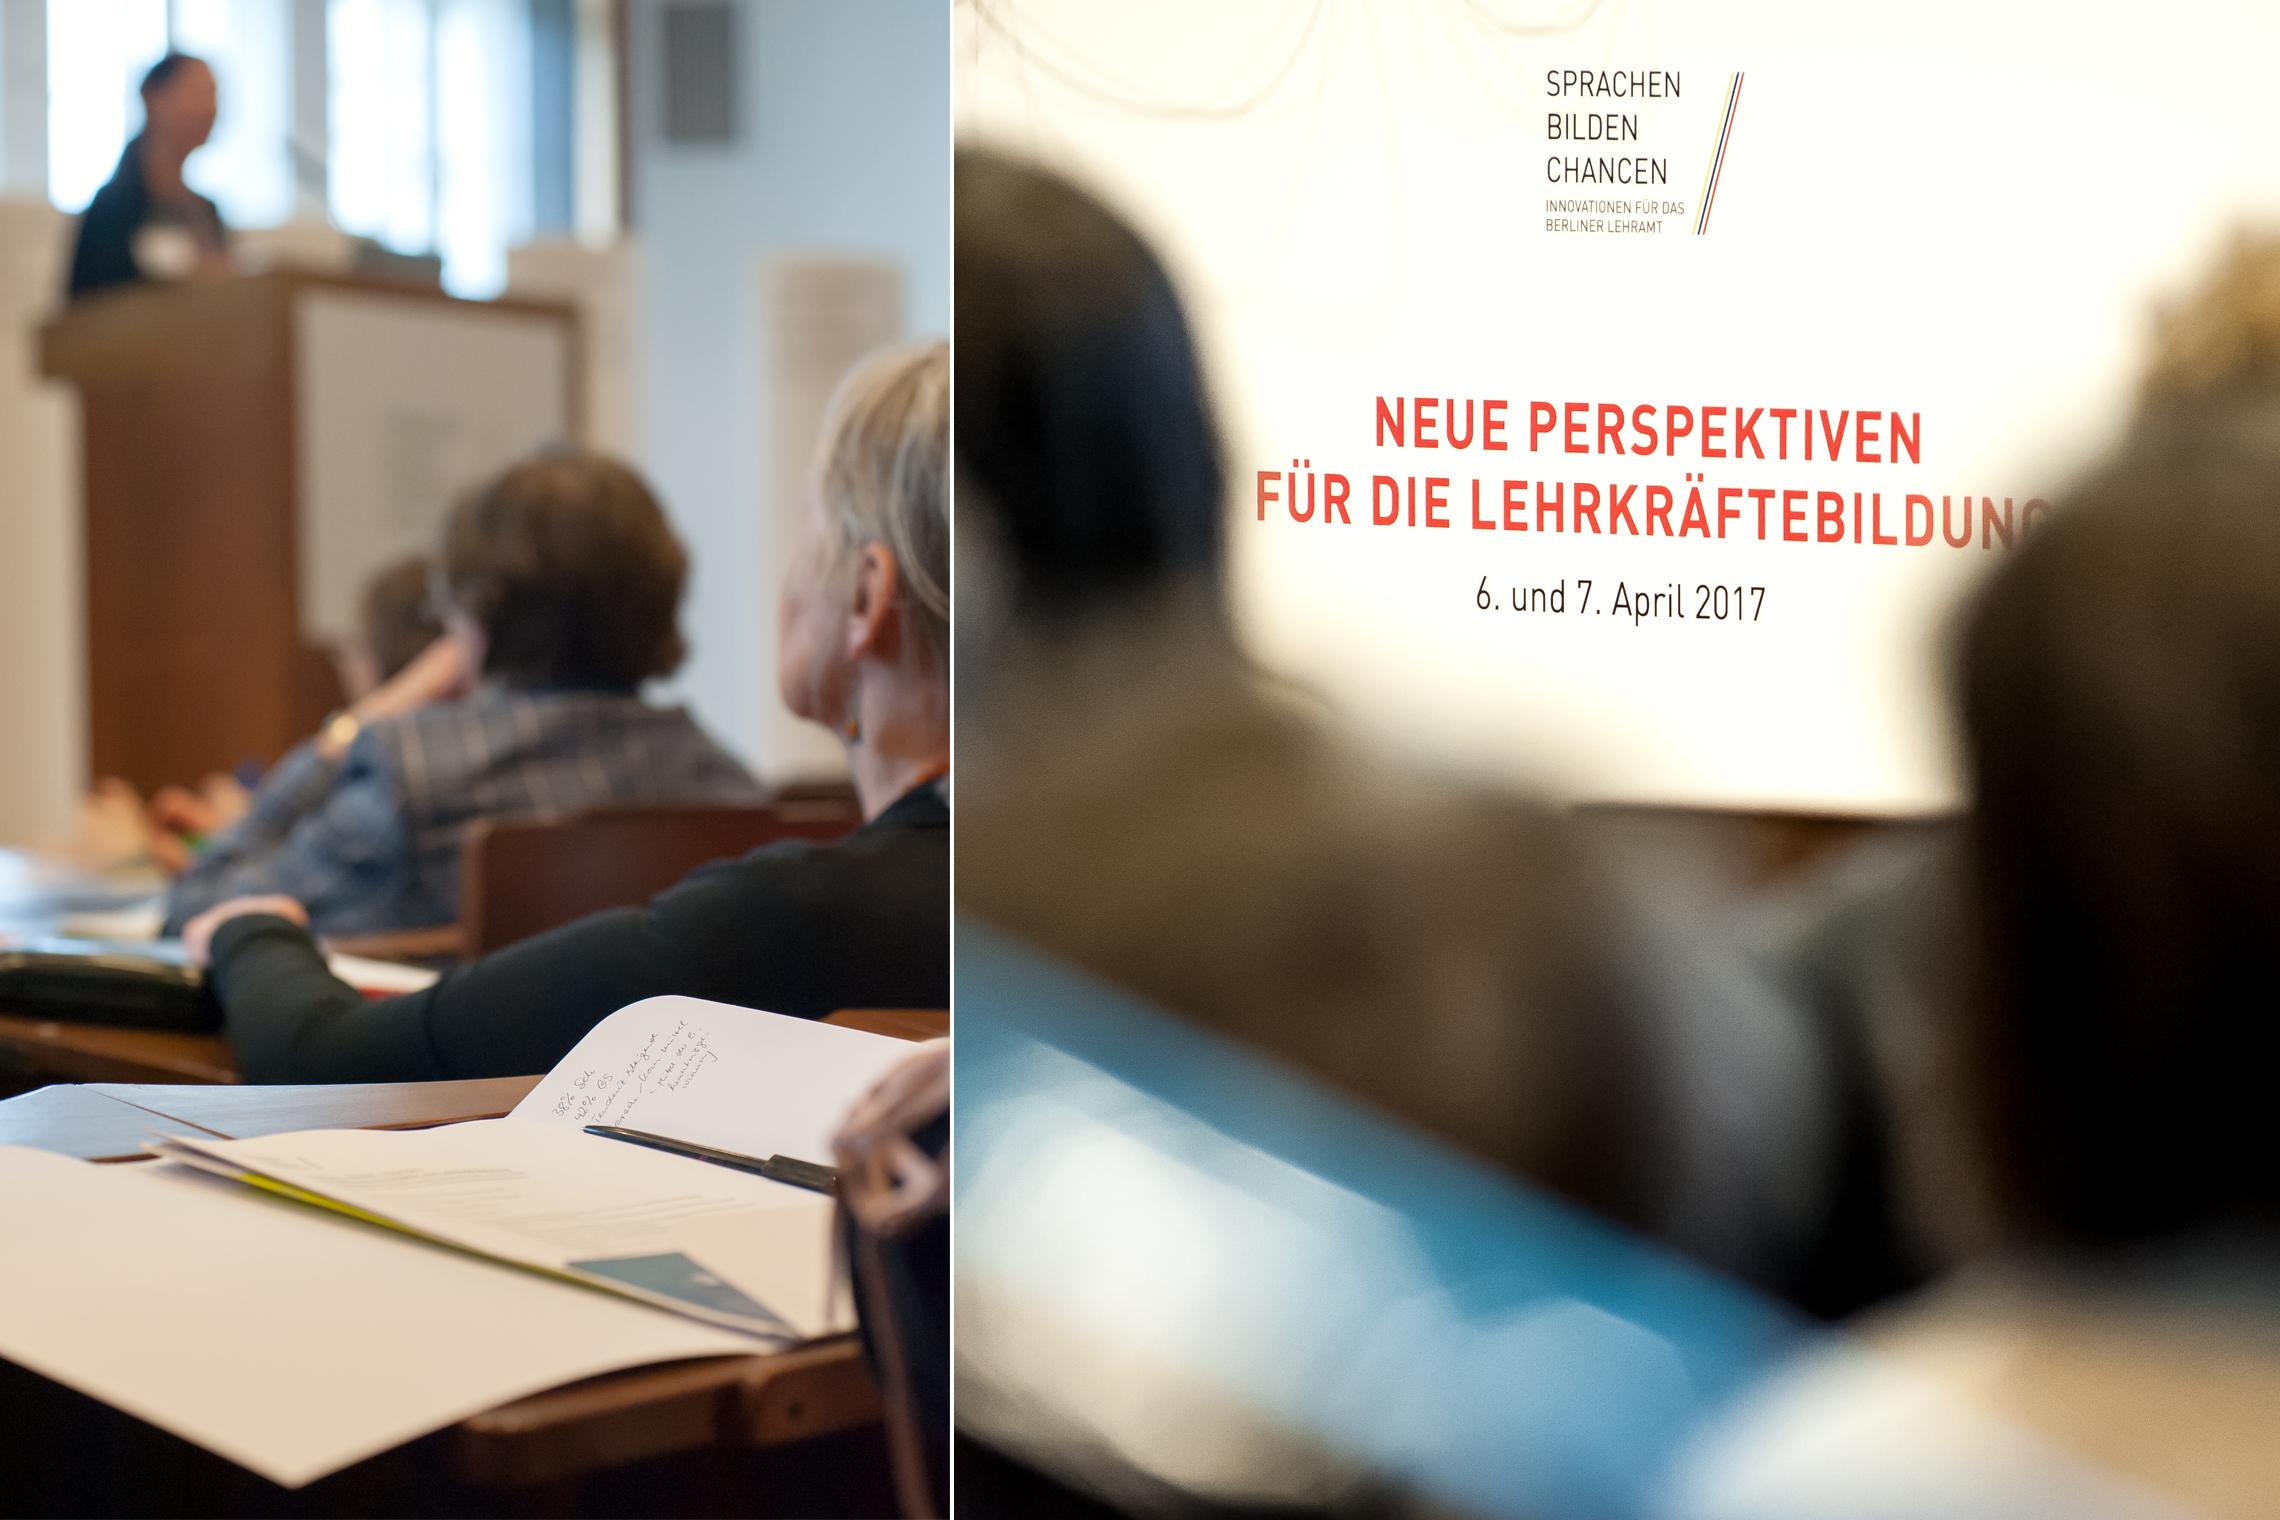 Veranstaltungs-Fotografie-SprachenBildenChancen-FotoCaroHoene-139